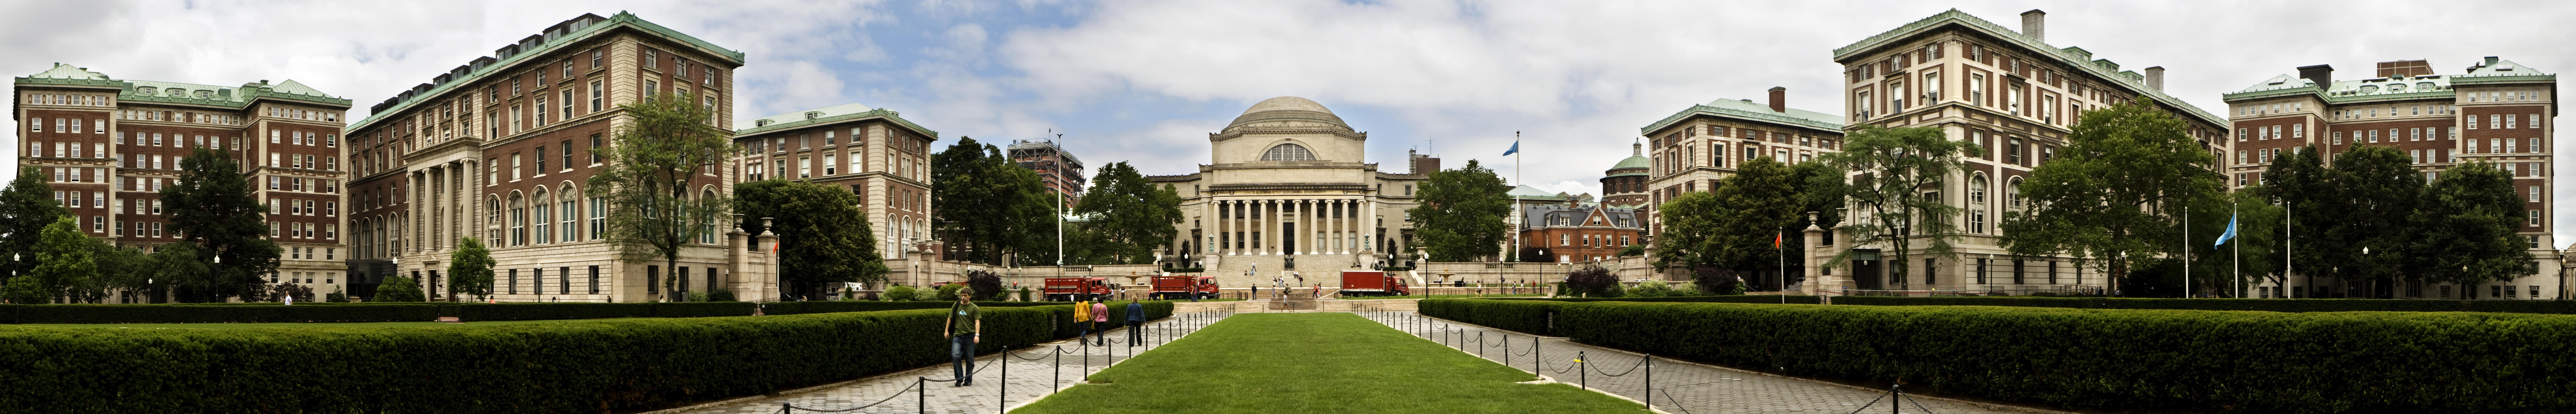 Panorama of Columbia University in New York City [13687 x 2199]